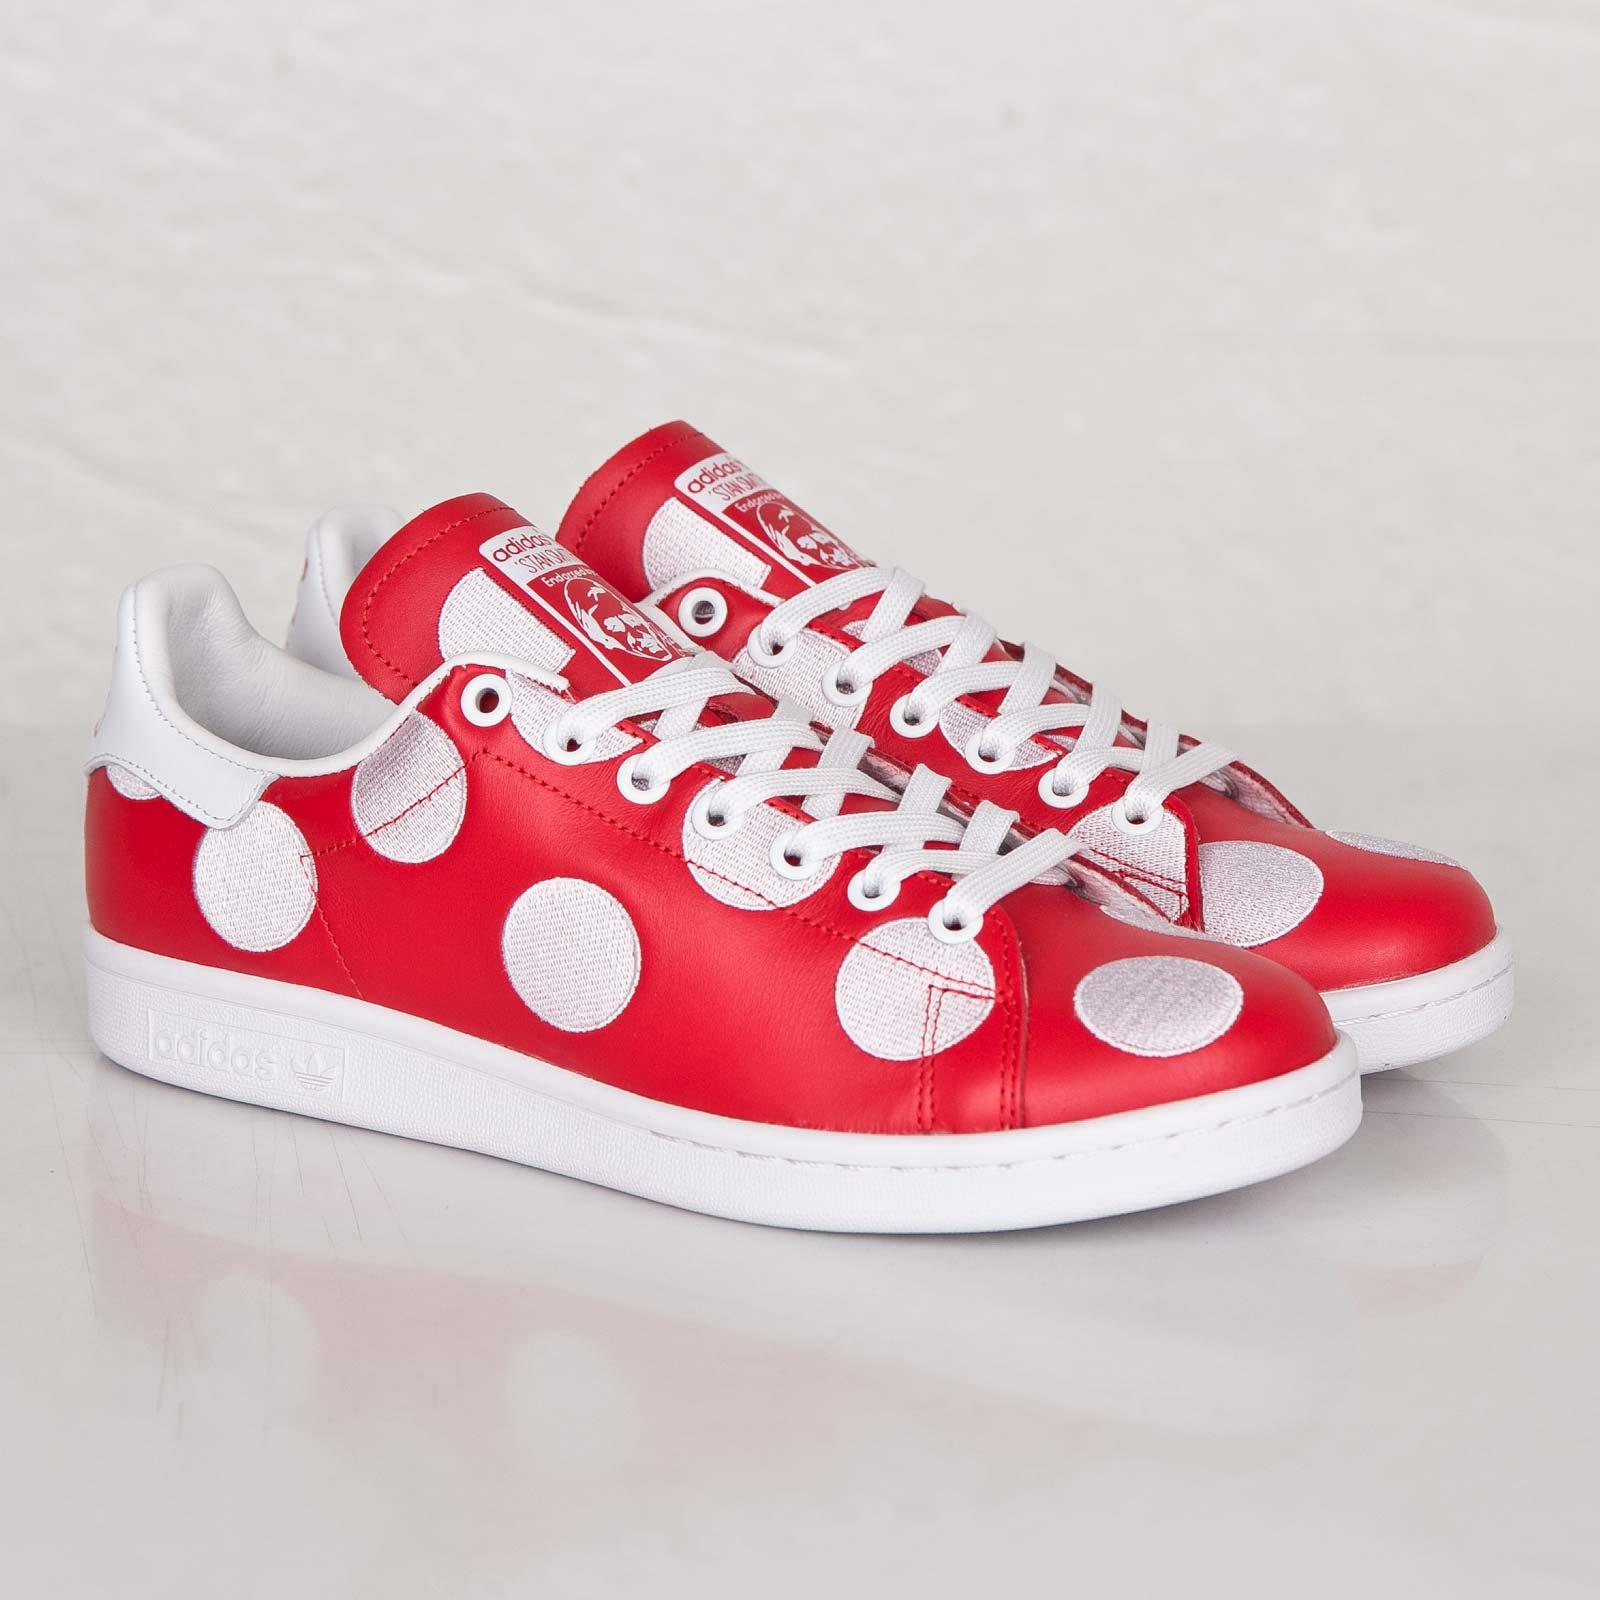 462356e72 adidas PW Stan Smith BPD - B25399 - Sneakersnstuff